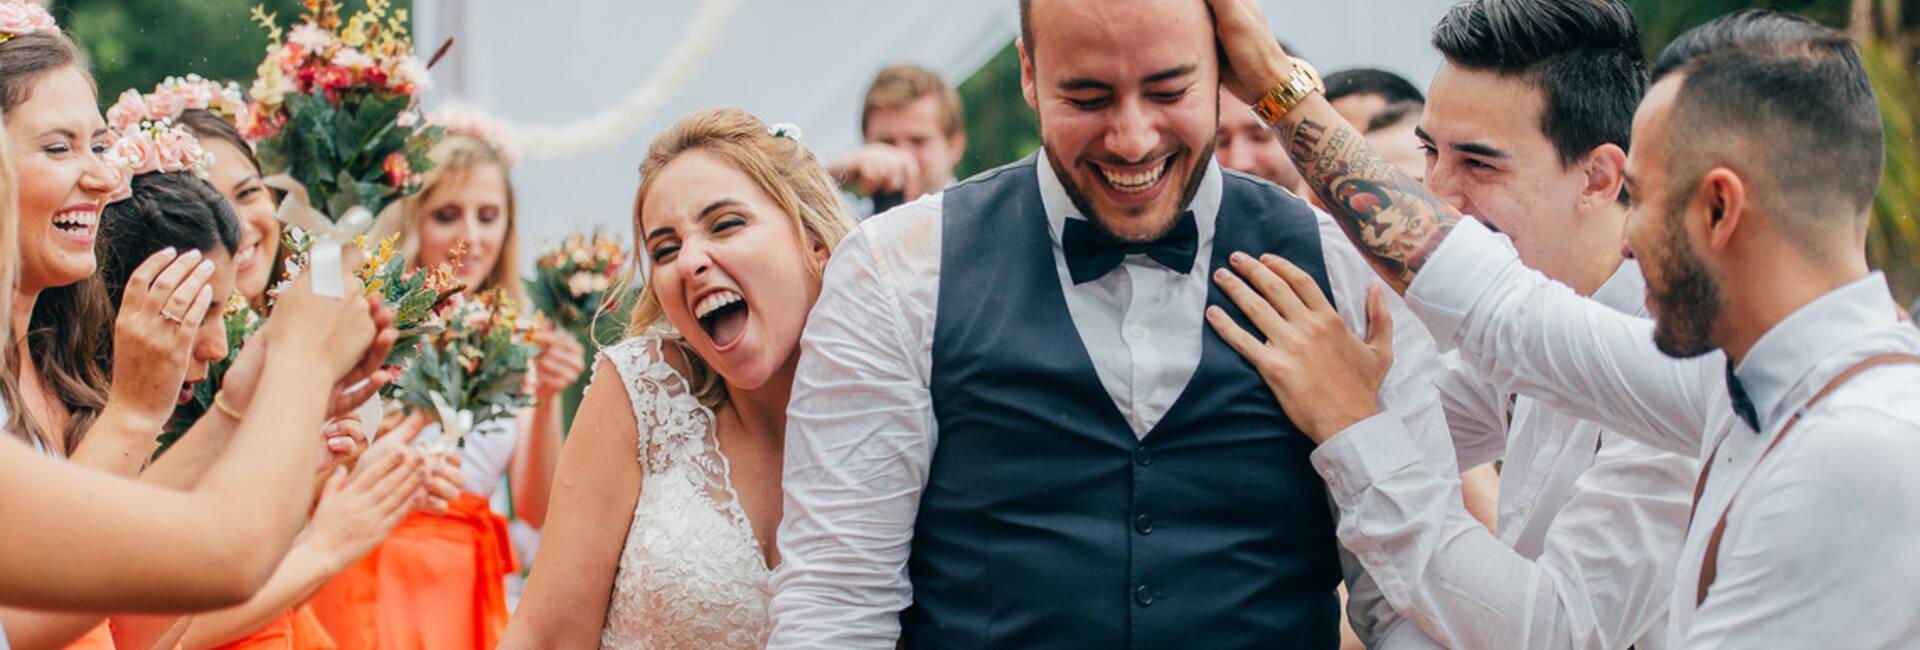 Casamento de Jéssica e Guilherme